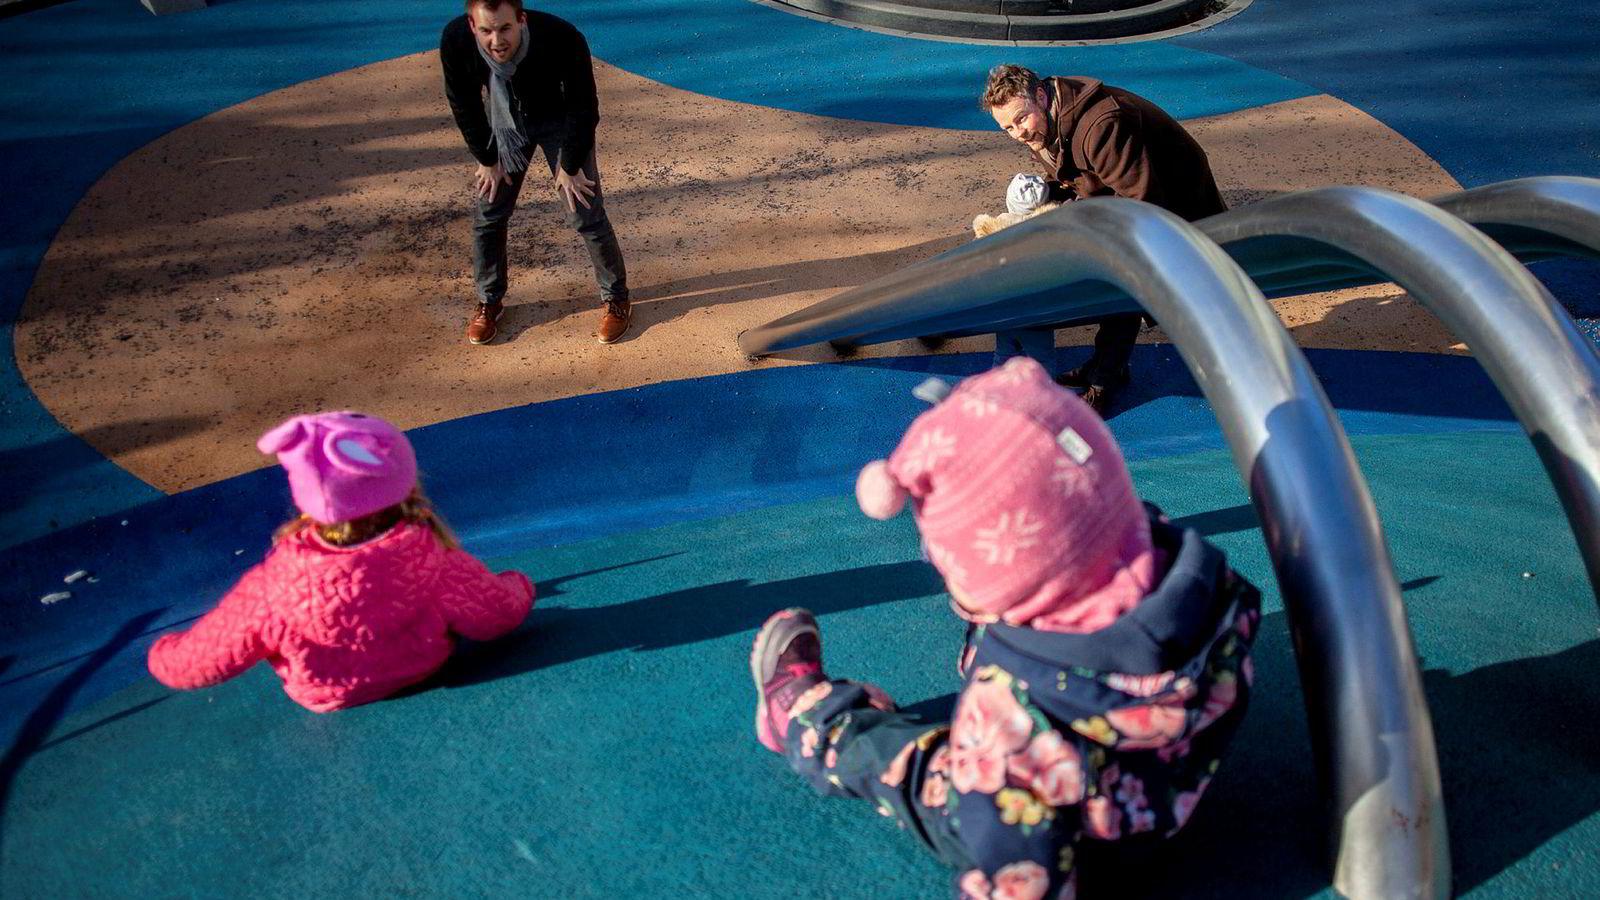 Barne- og familieminister Kjell Ingolf Ropstad (til venstre) og næringsminister Torbjørn Røe Isaksen mener finansbransjen henger langt etter politikken når det gjelder likestilling. De to statsrådene er på lekeplassen sammen med barna de har hentet i barnehagen.